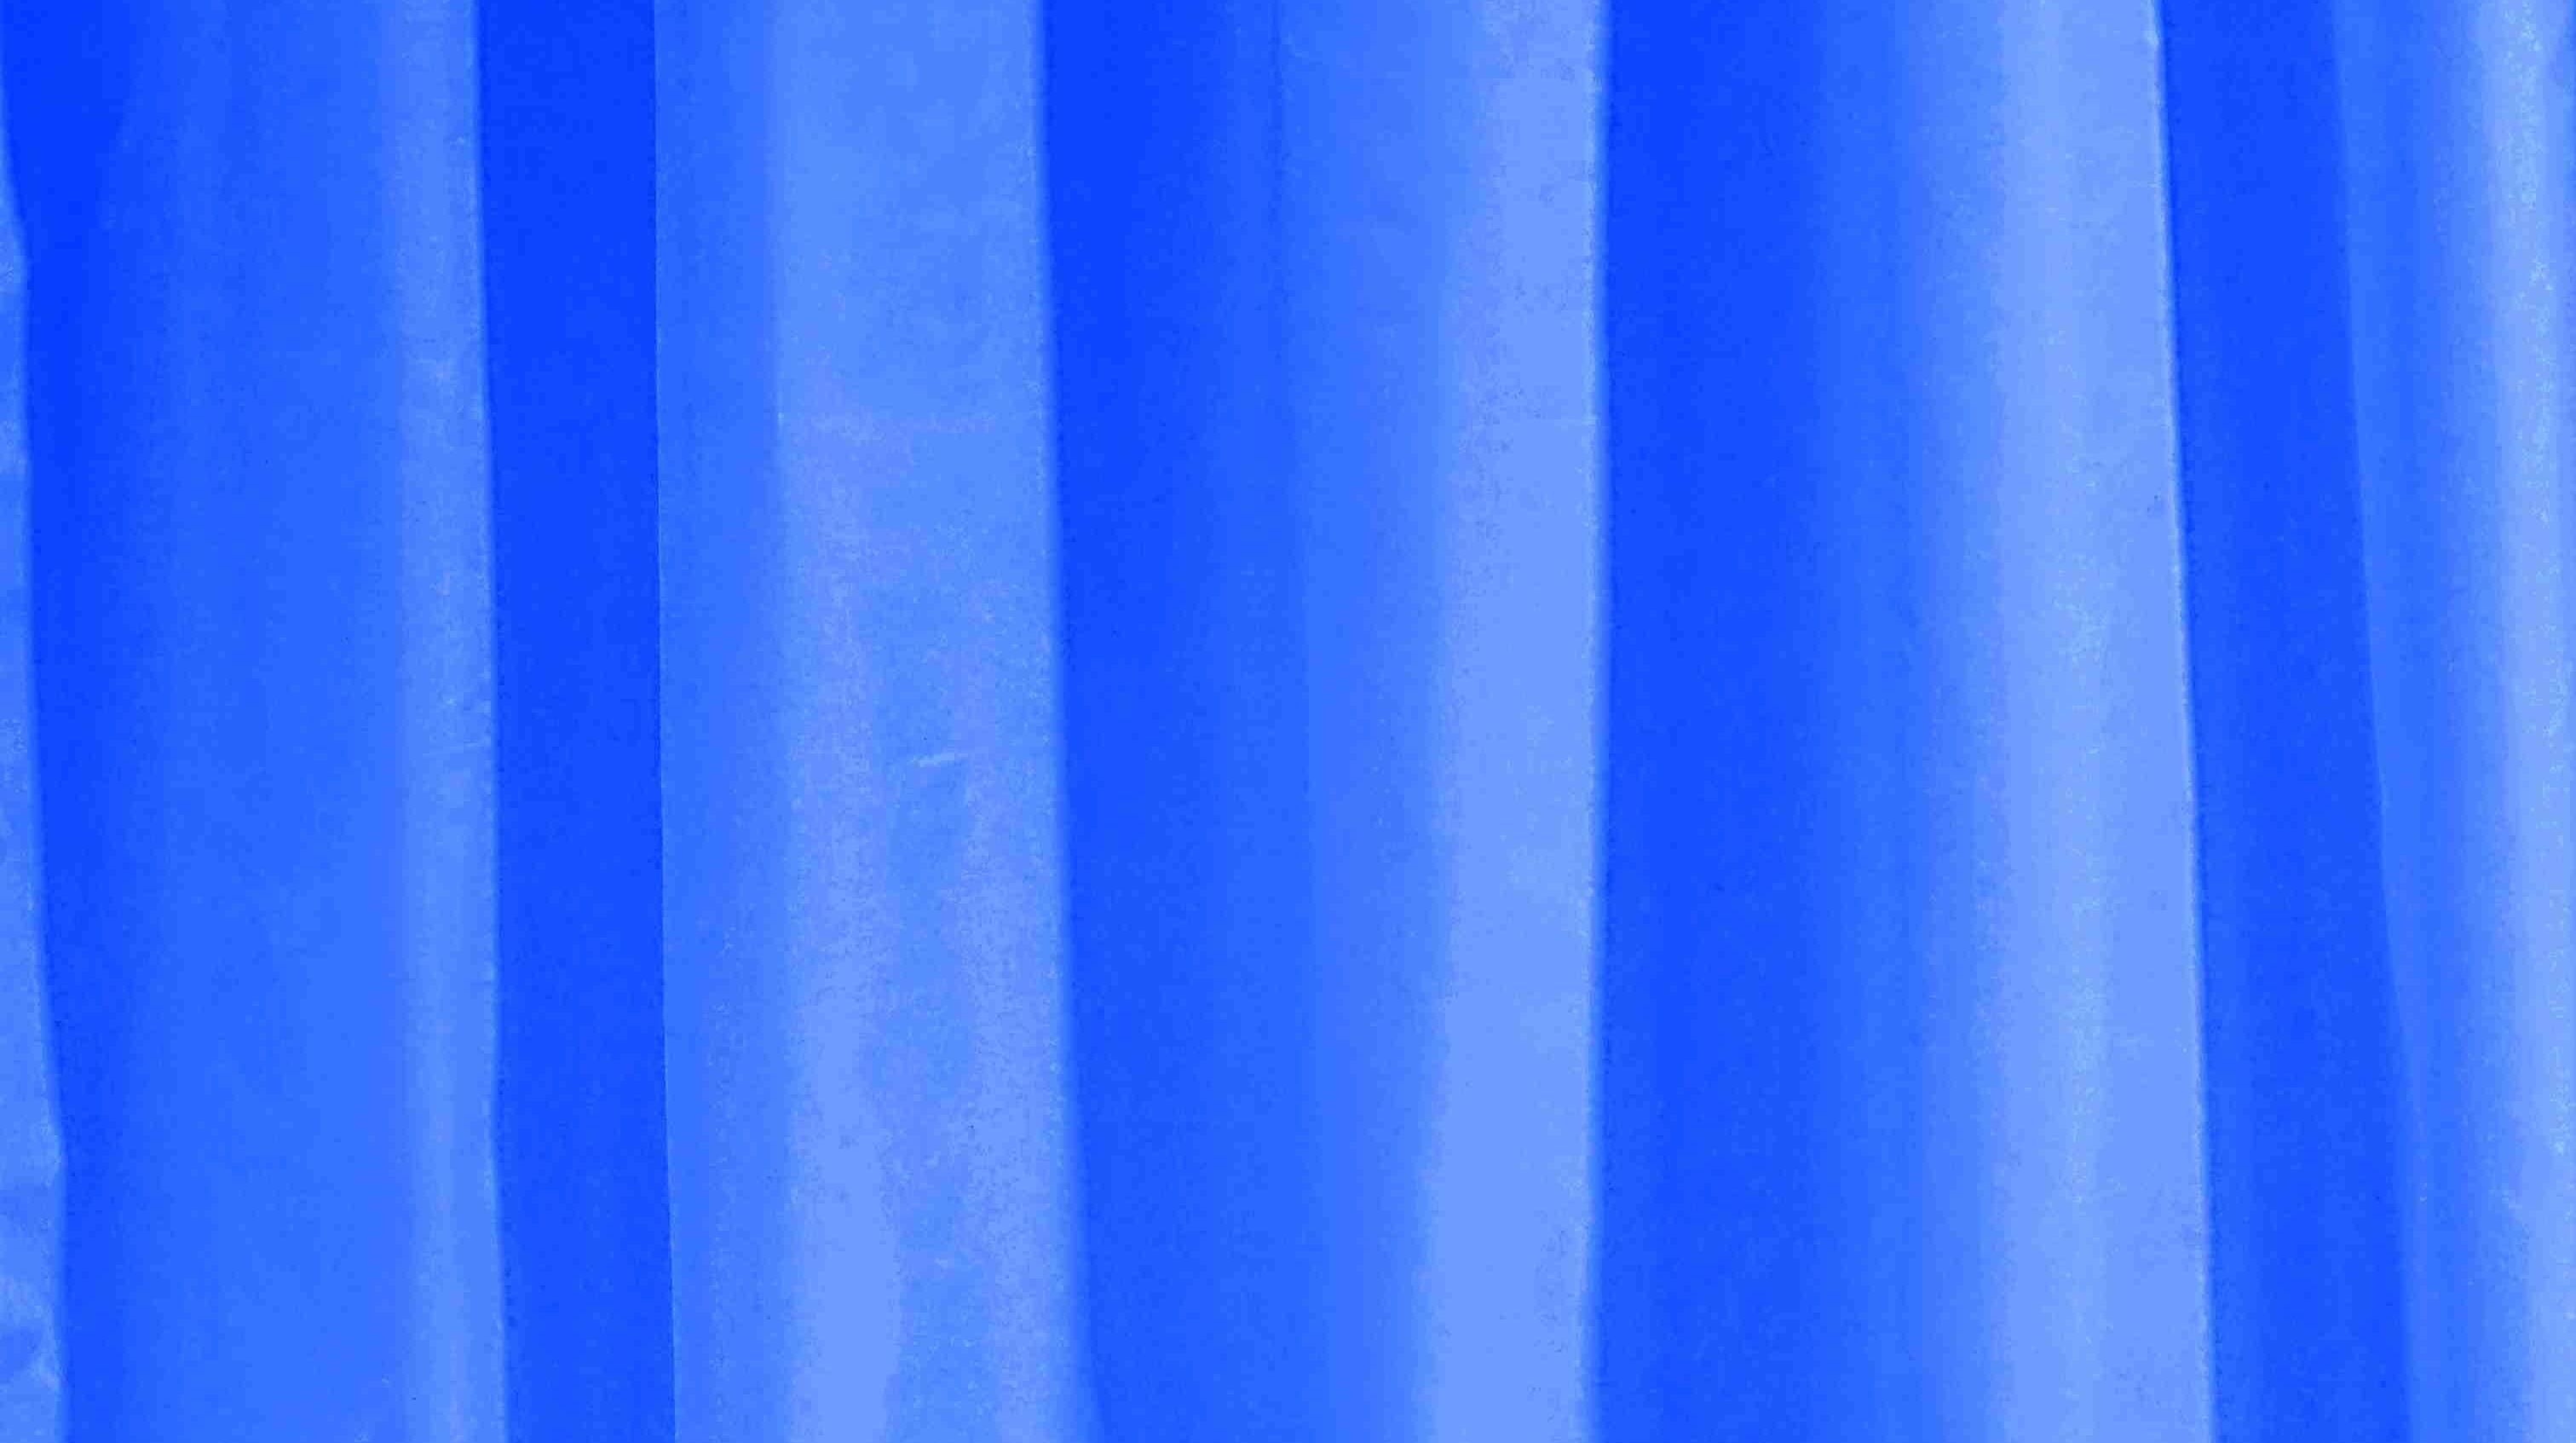 GRUND Sprchový závěs VERONA modrý 180x200 cm